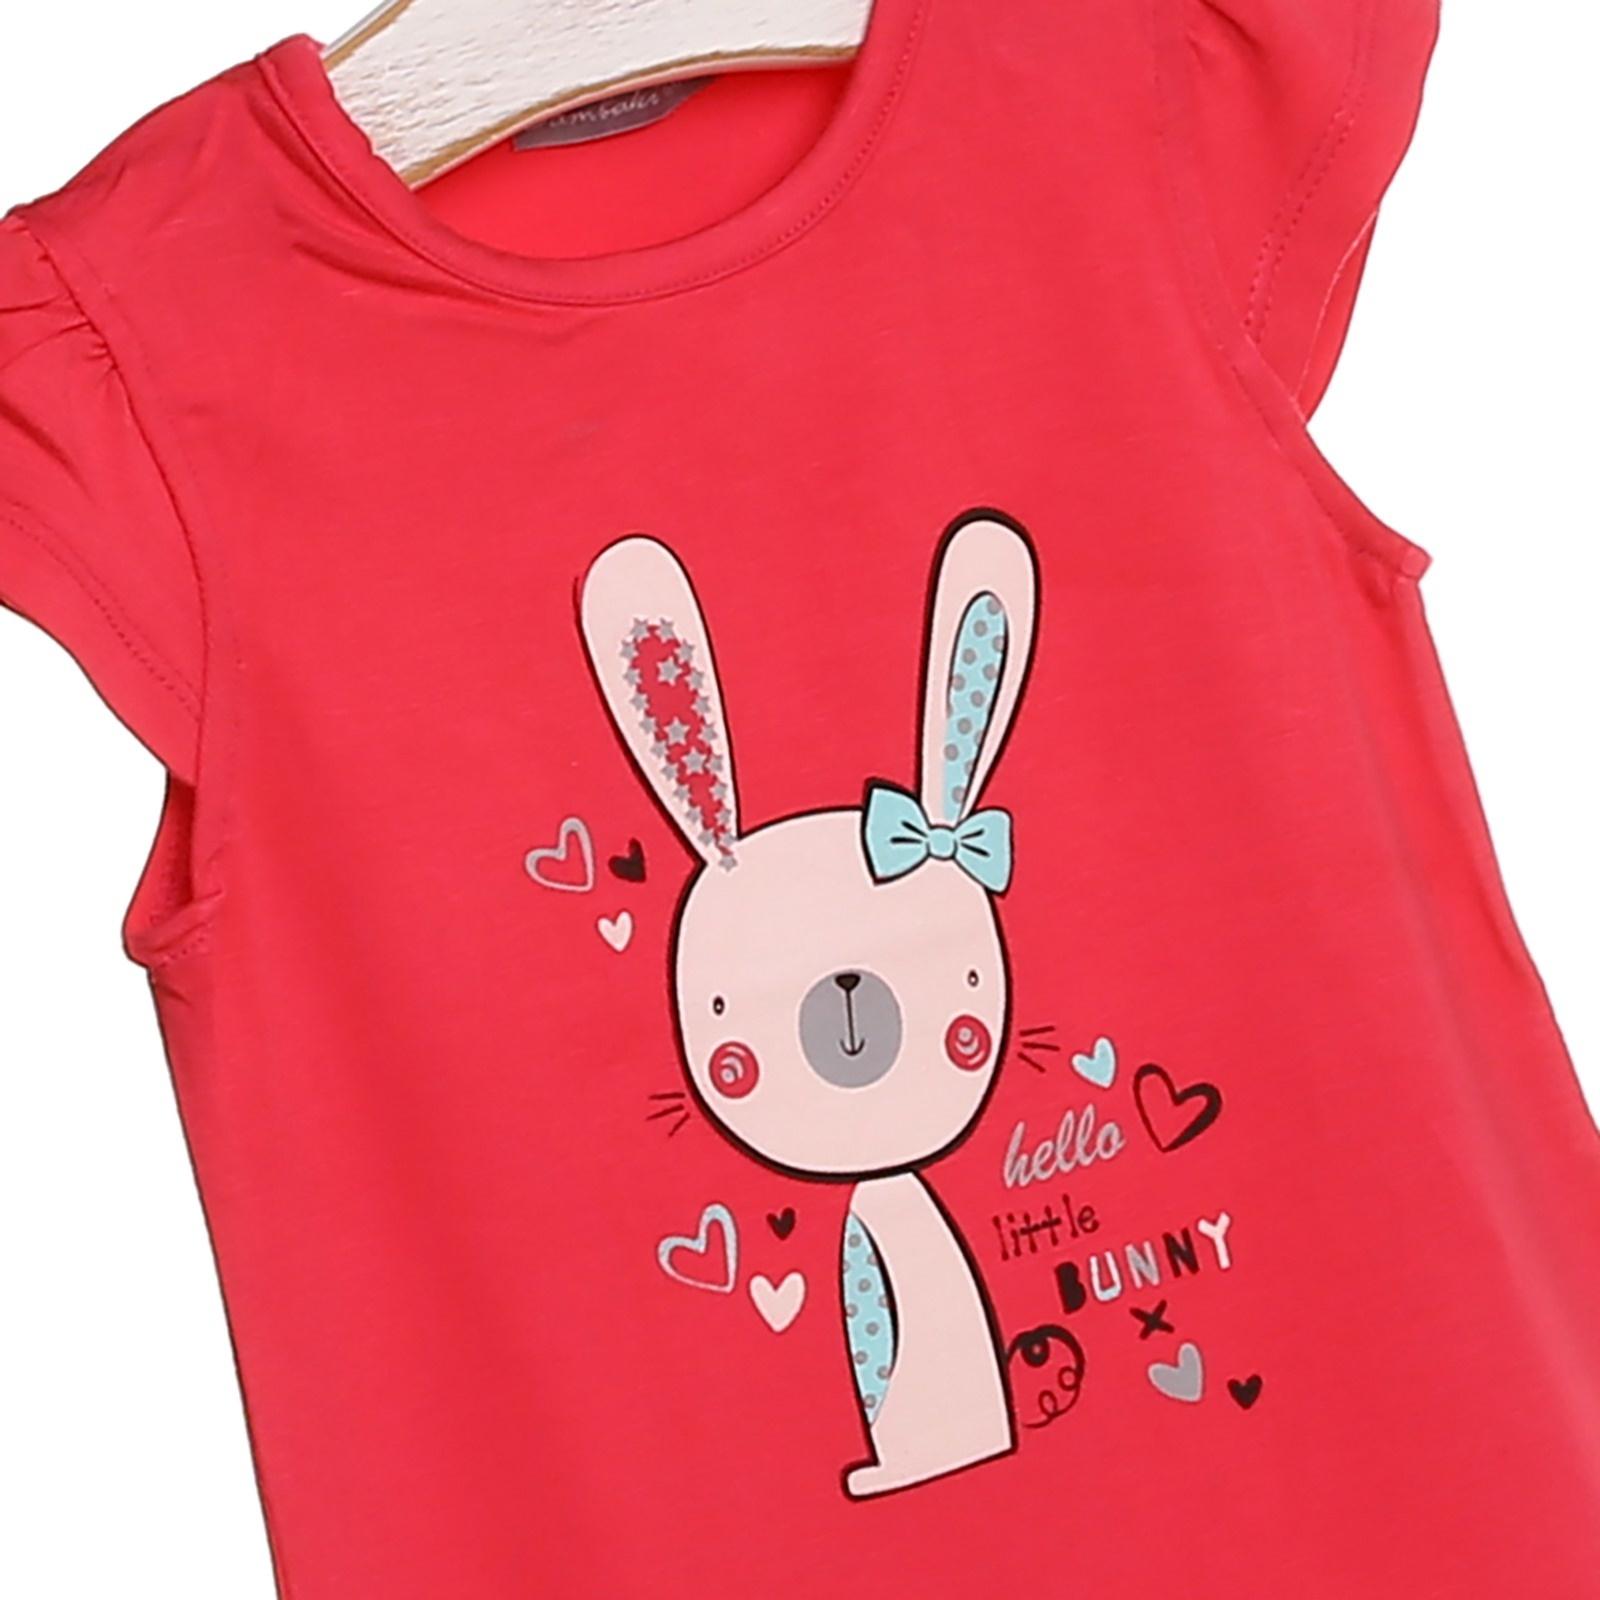 Ebebek Bambaki Crew Neck Baby Girl Supreme Rabbit Printed Tshirt